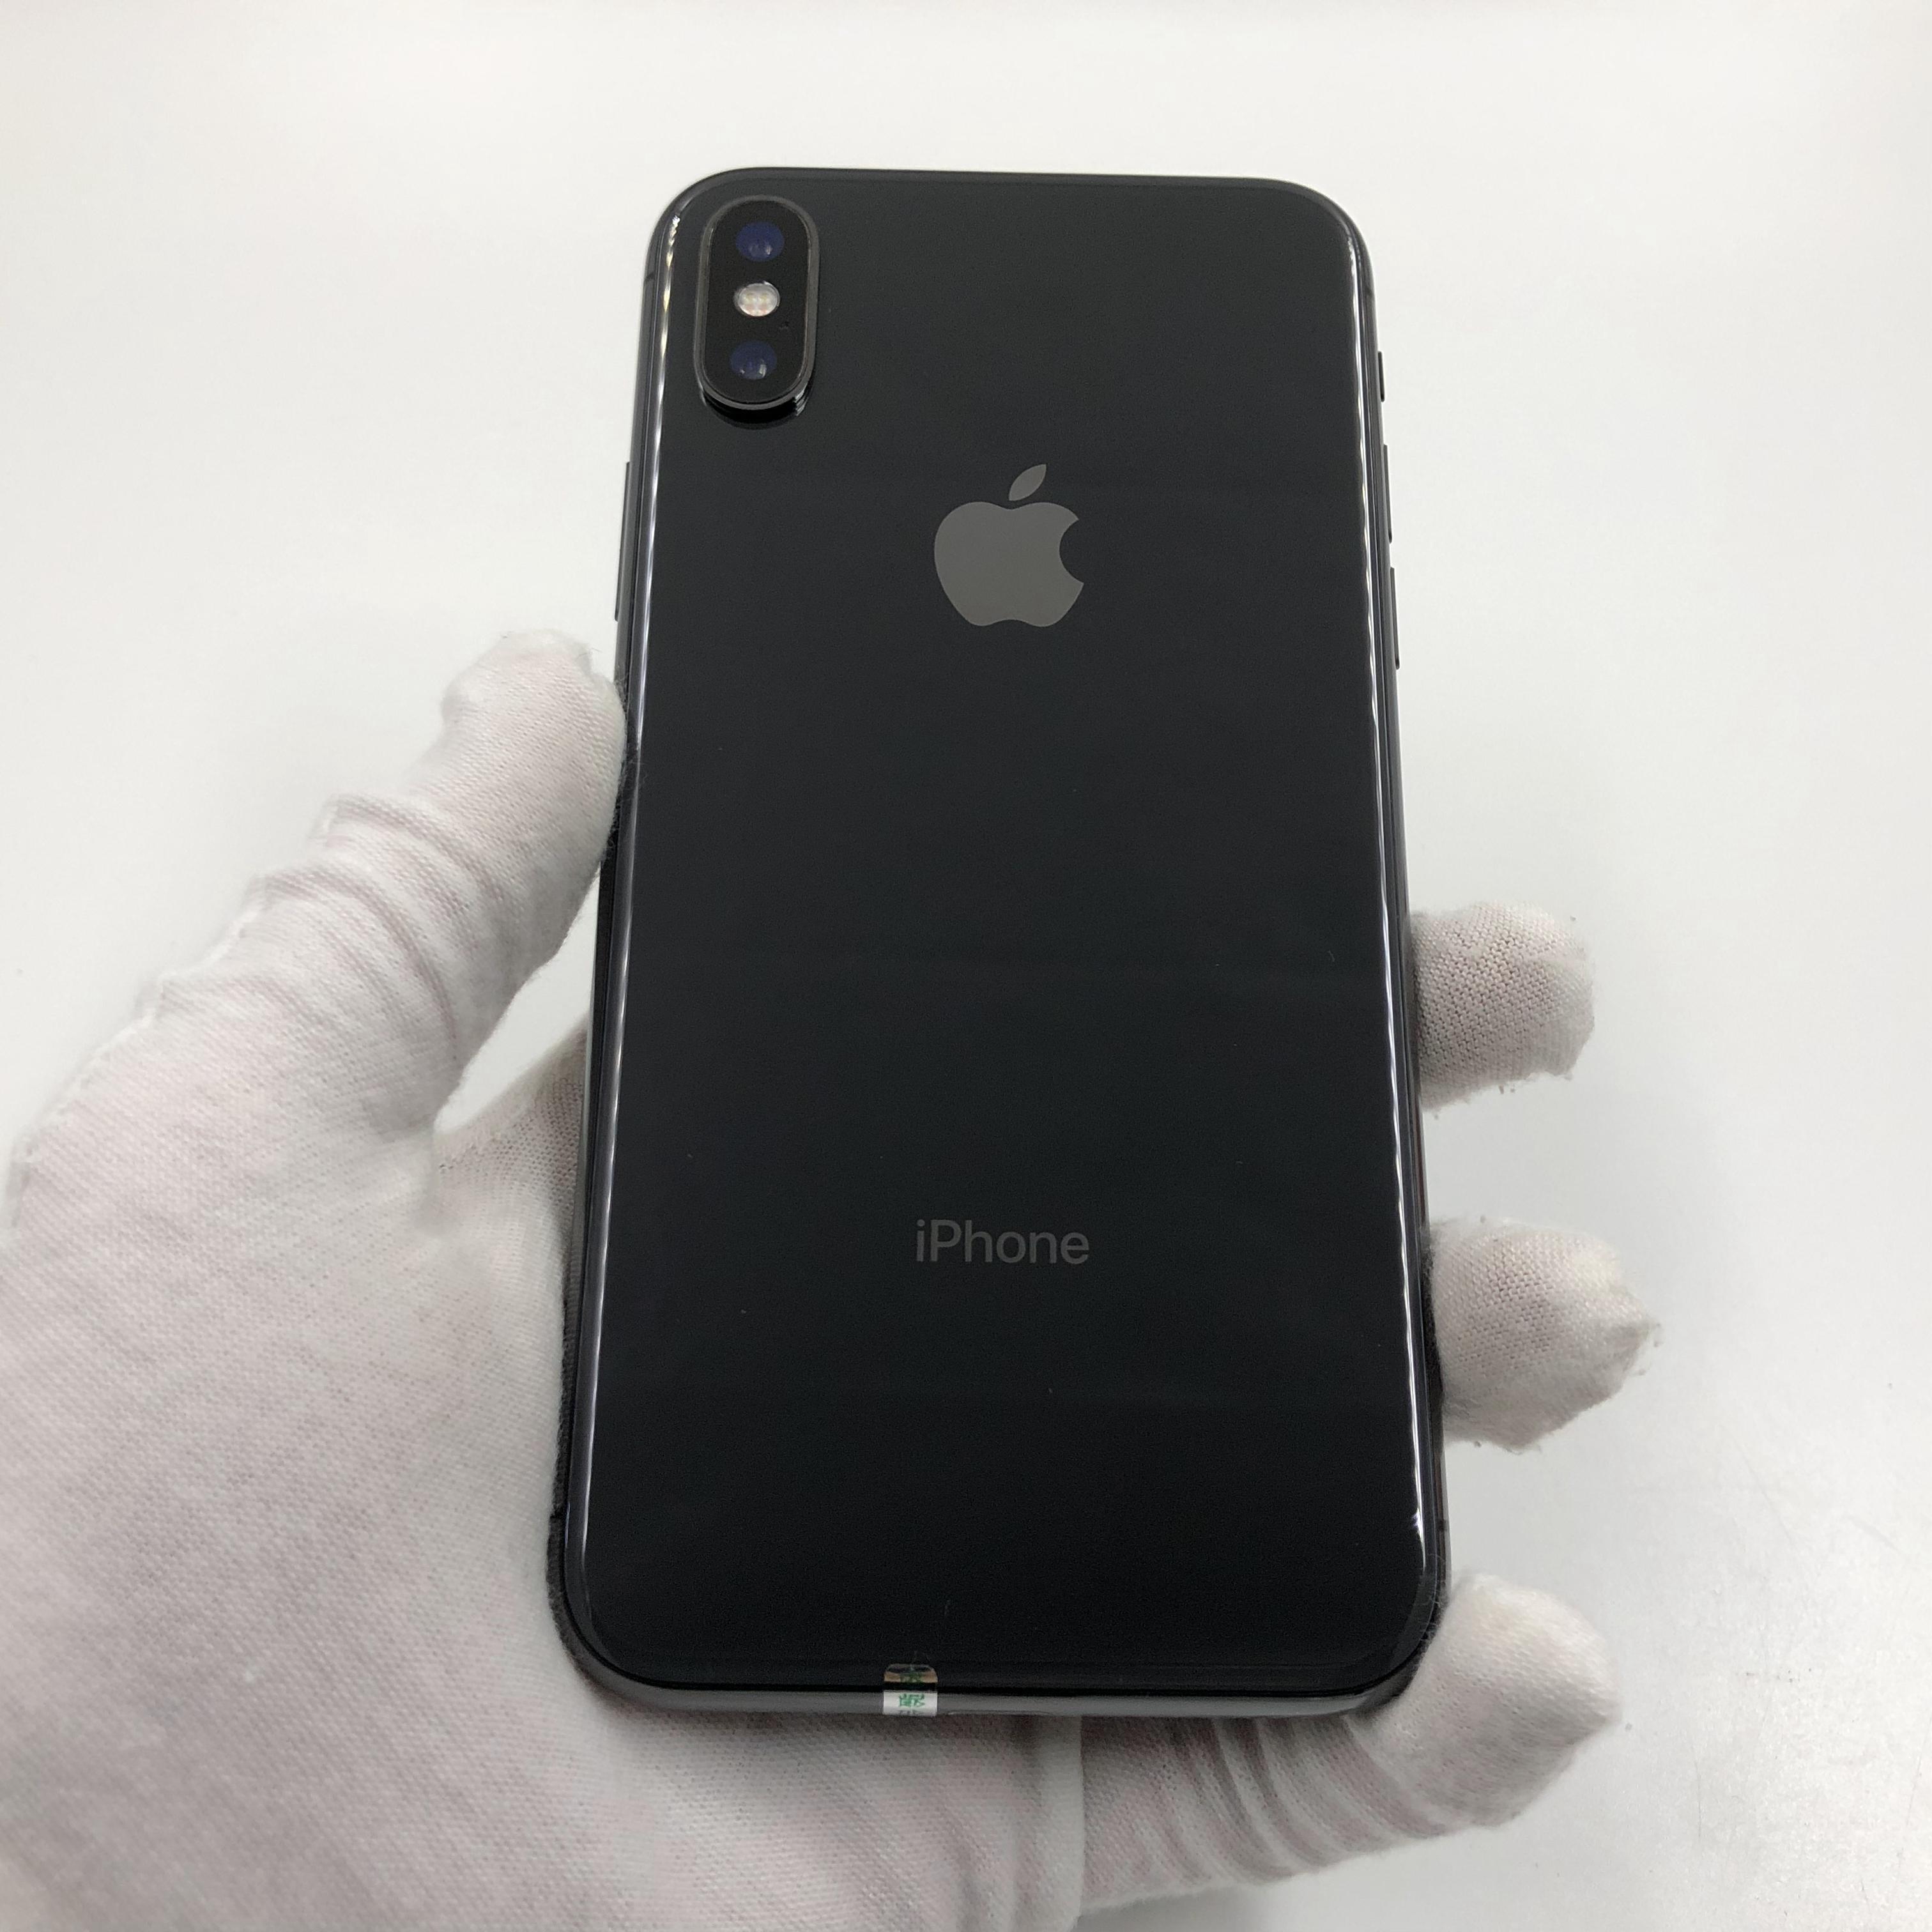 苹果【iPhone X】4G全网通 深空灰 64G 国行 8成新 真机实拍